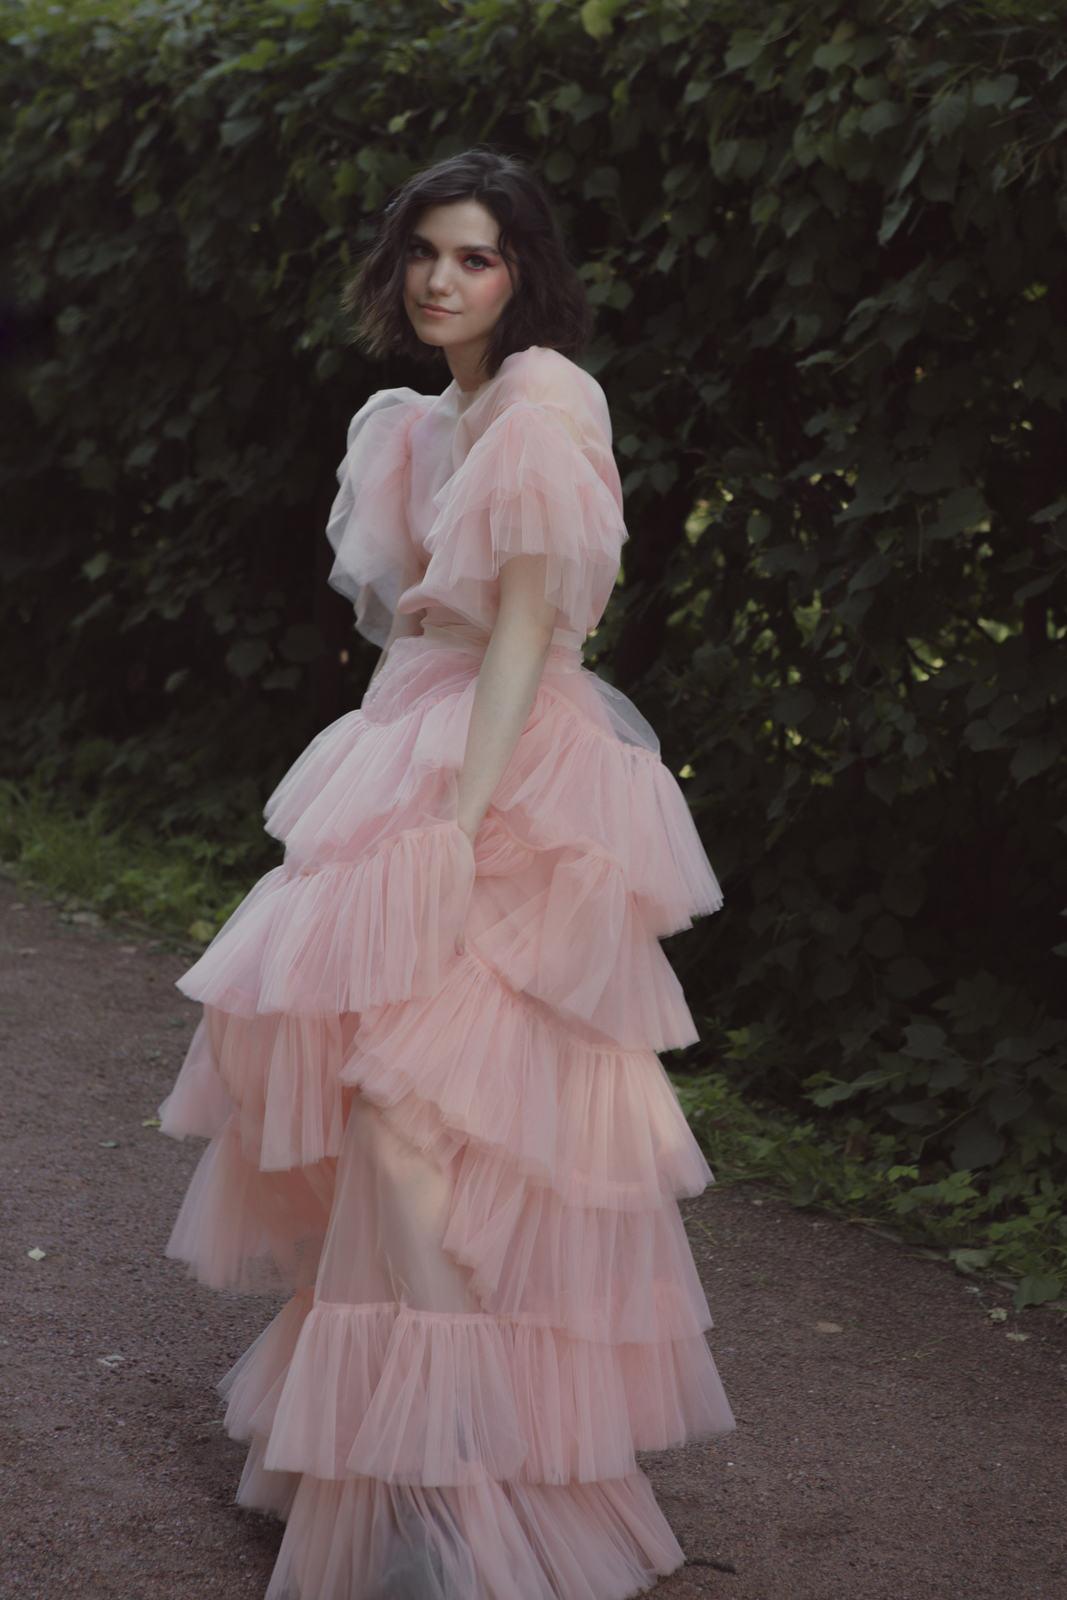 Pink love: необычная стилизованная фотосессия